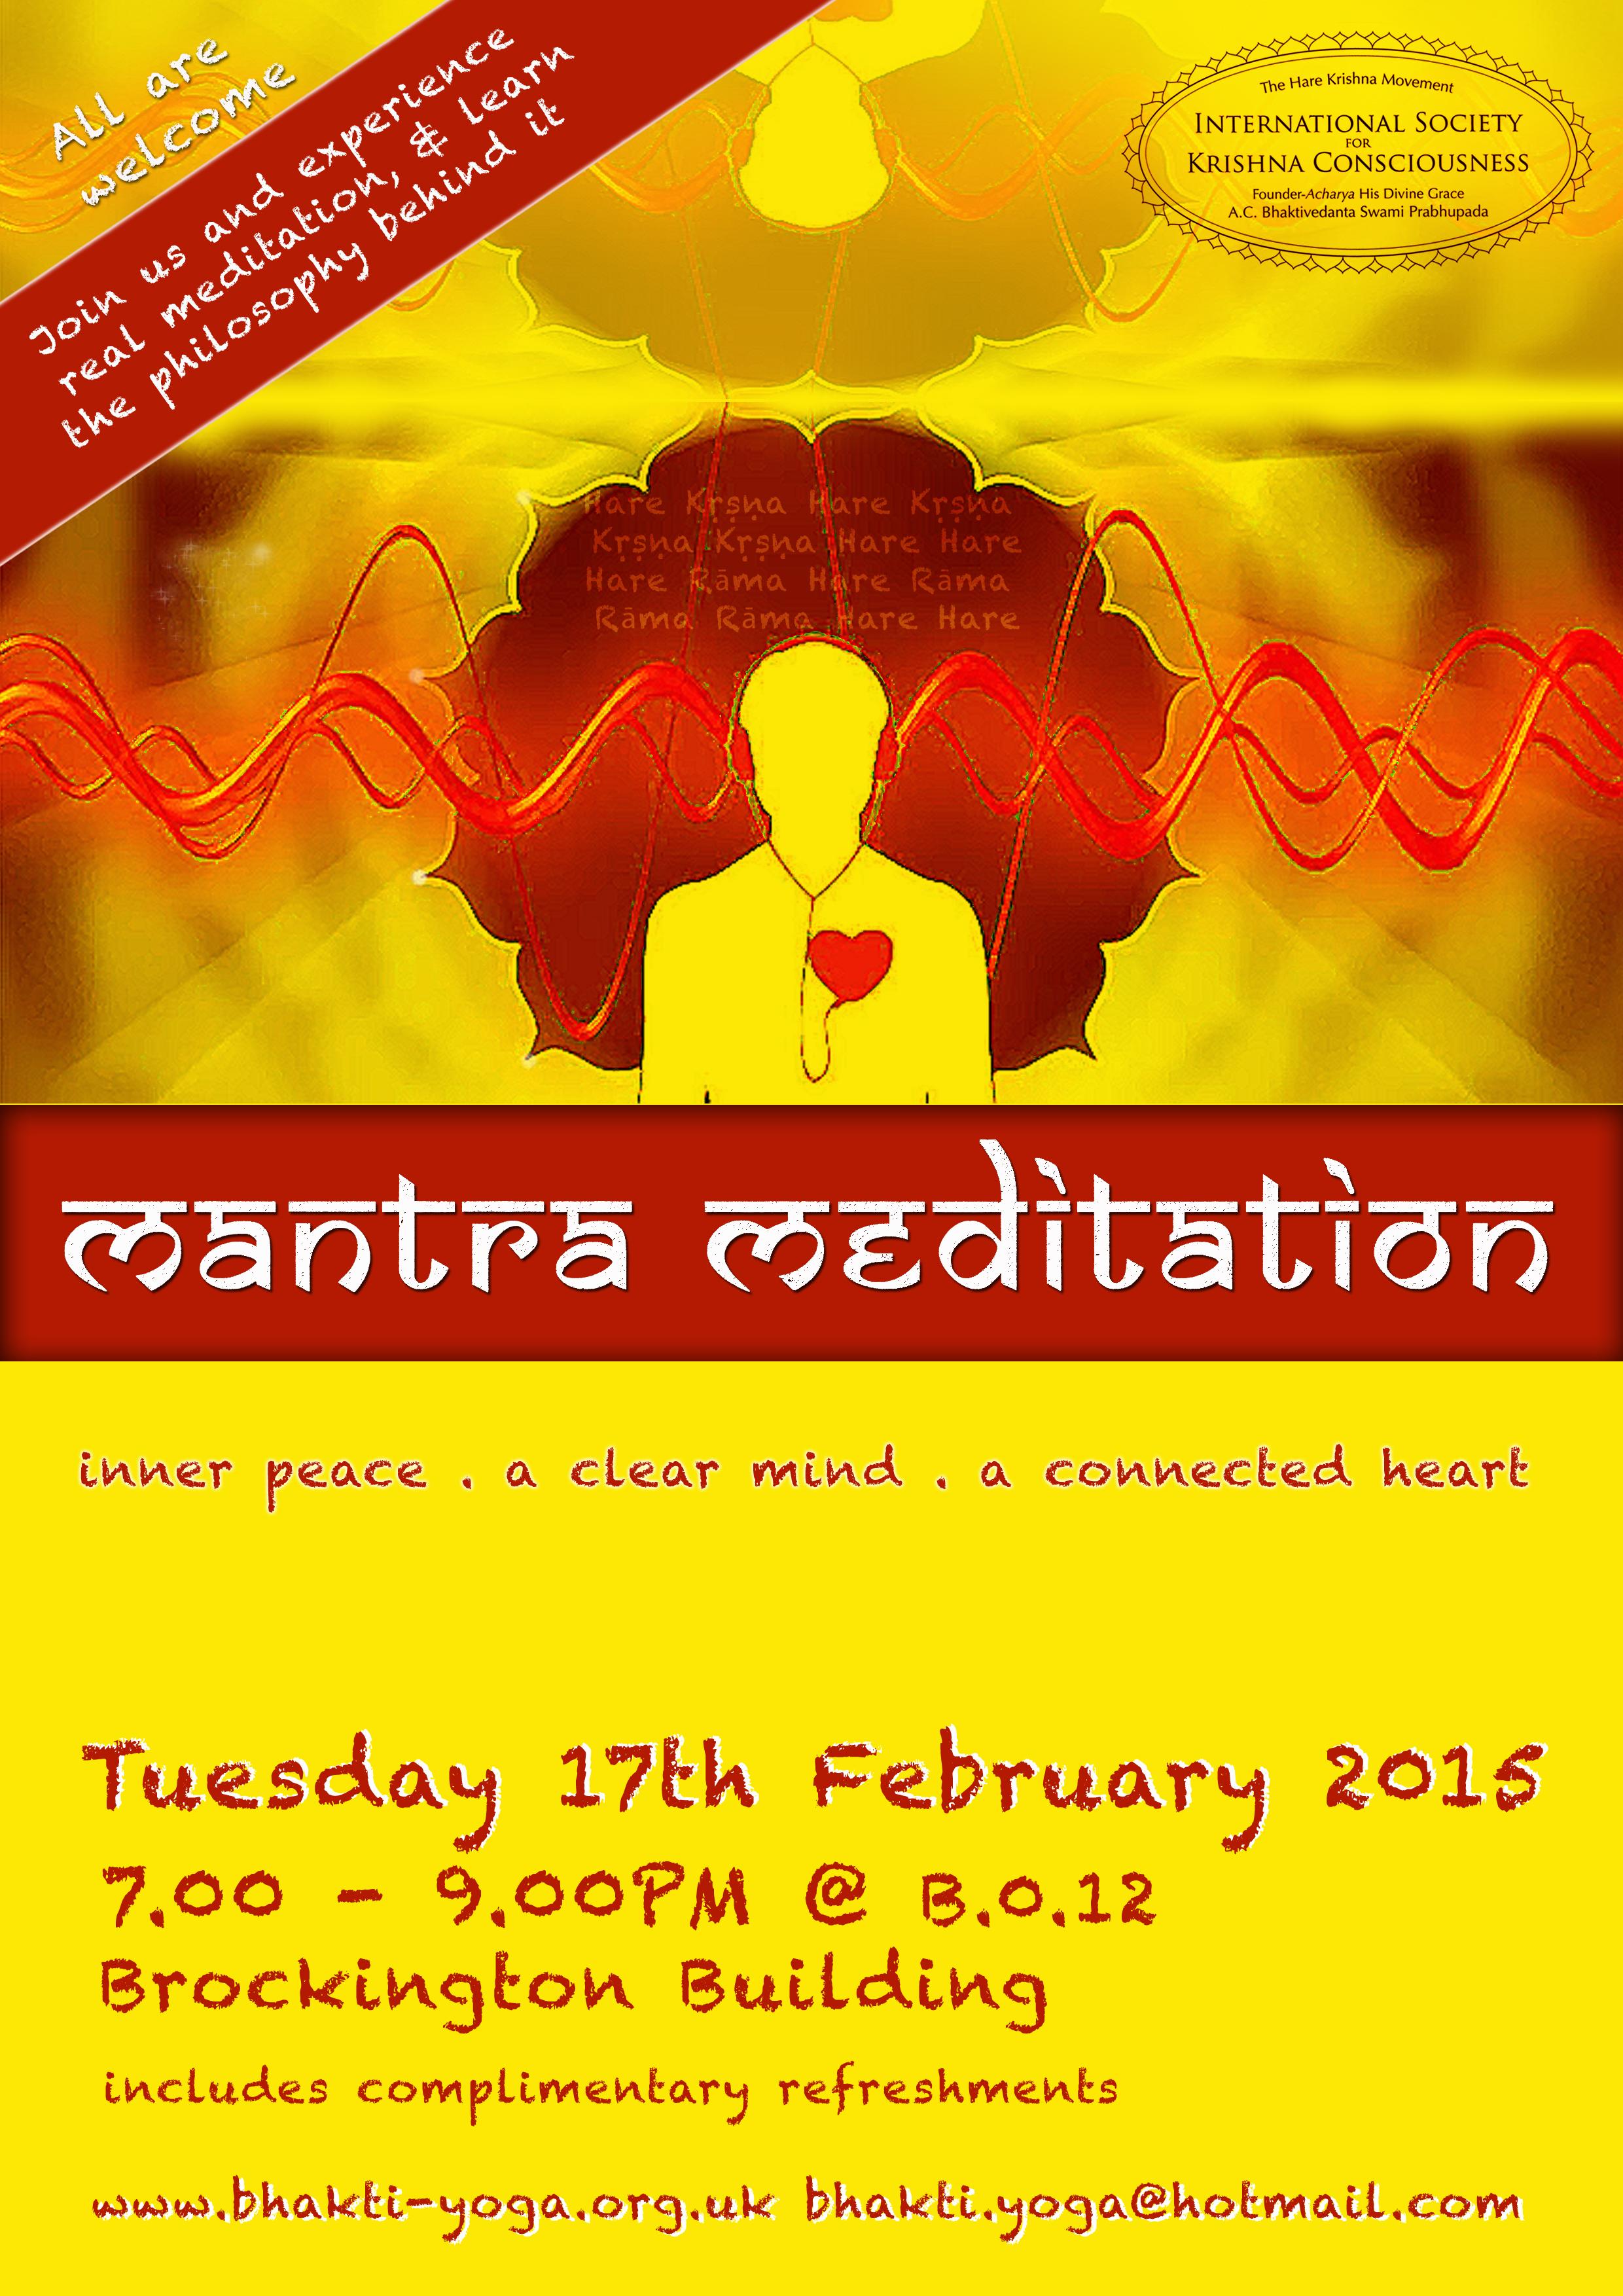 Meditation Flyer Mantra Meditation Flyer